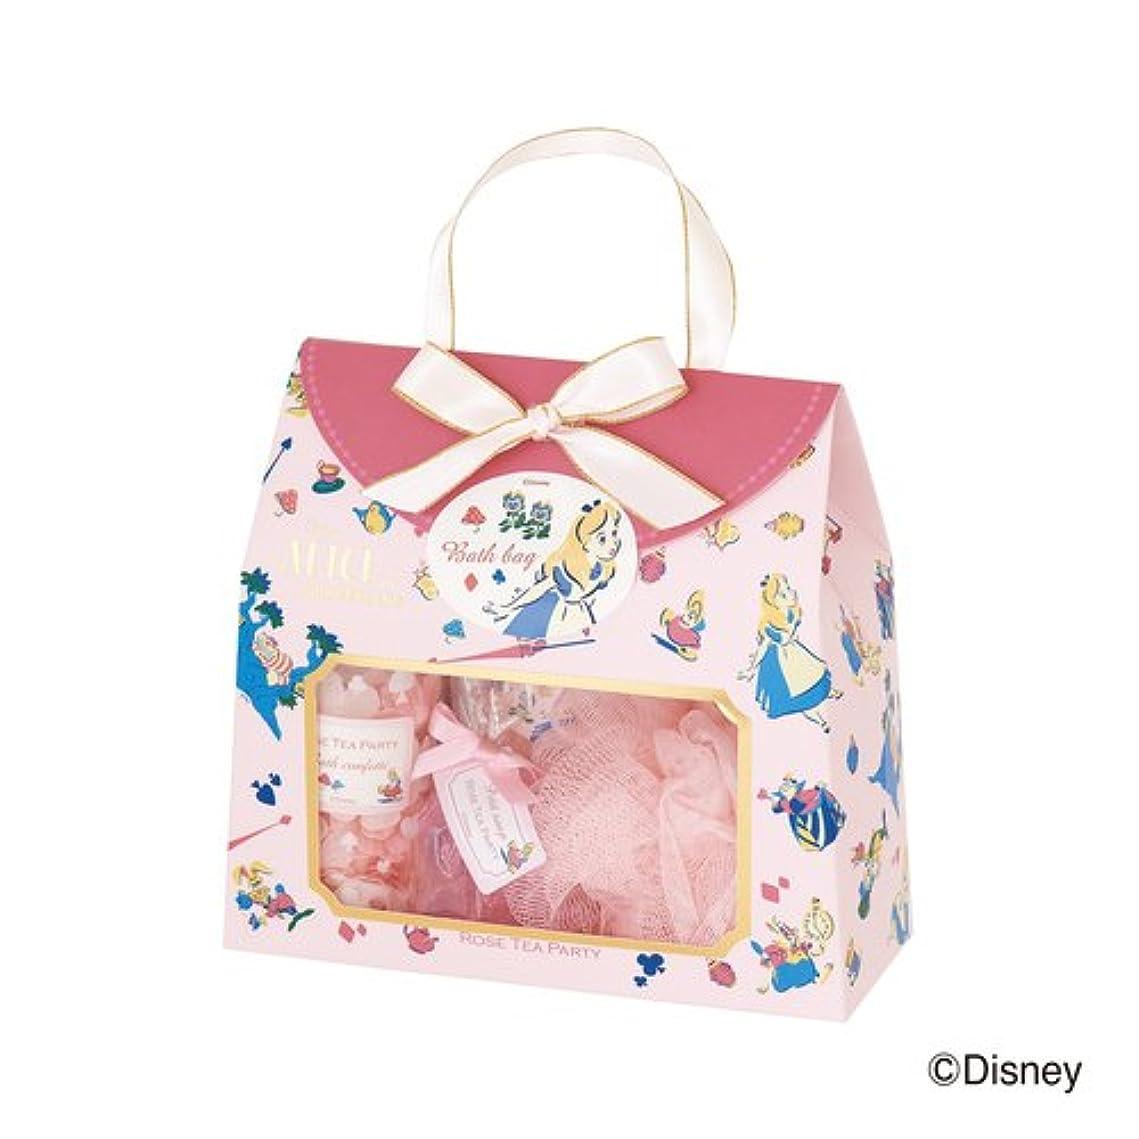 スタジオバスルームテメリティディズニーフレグランスコレクション バスバッグト5点セット アリス ローズティーパーティー(爽やかでやさしいバラの香り)